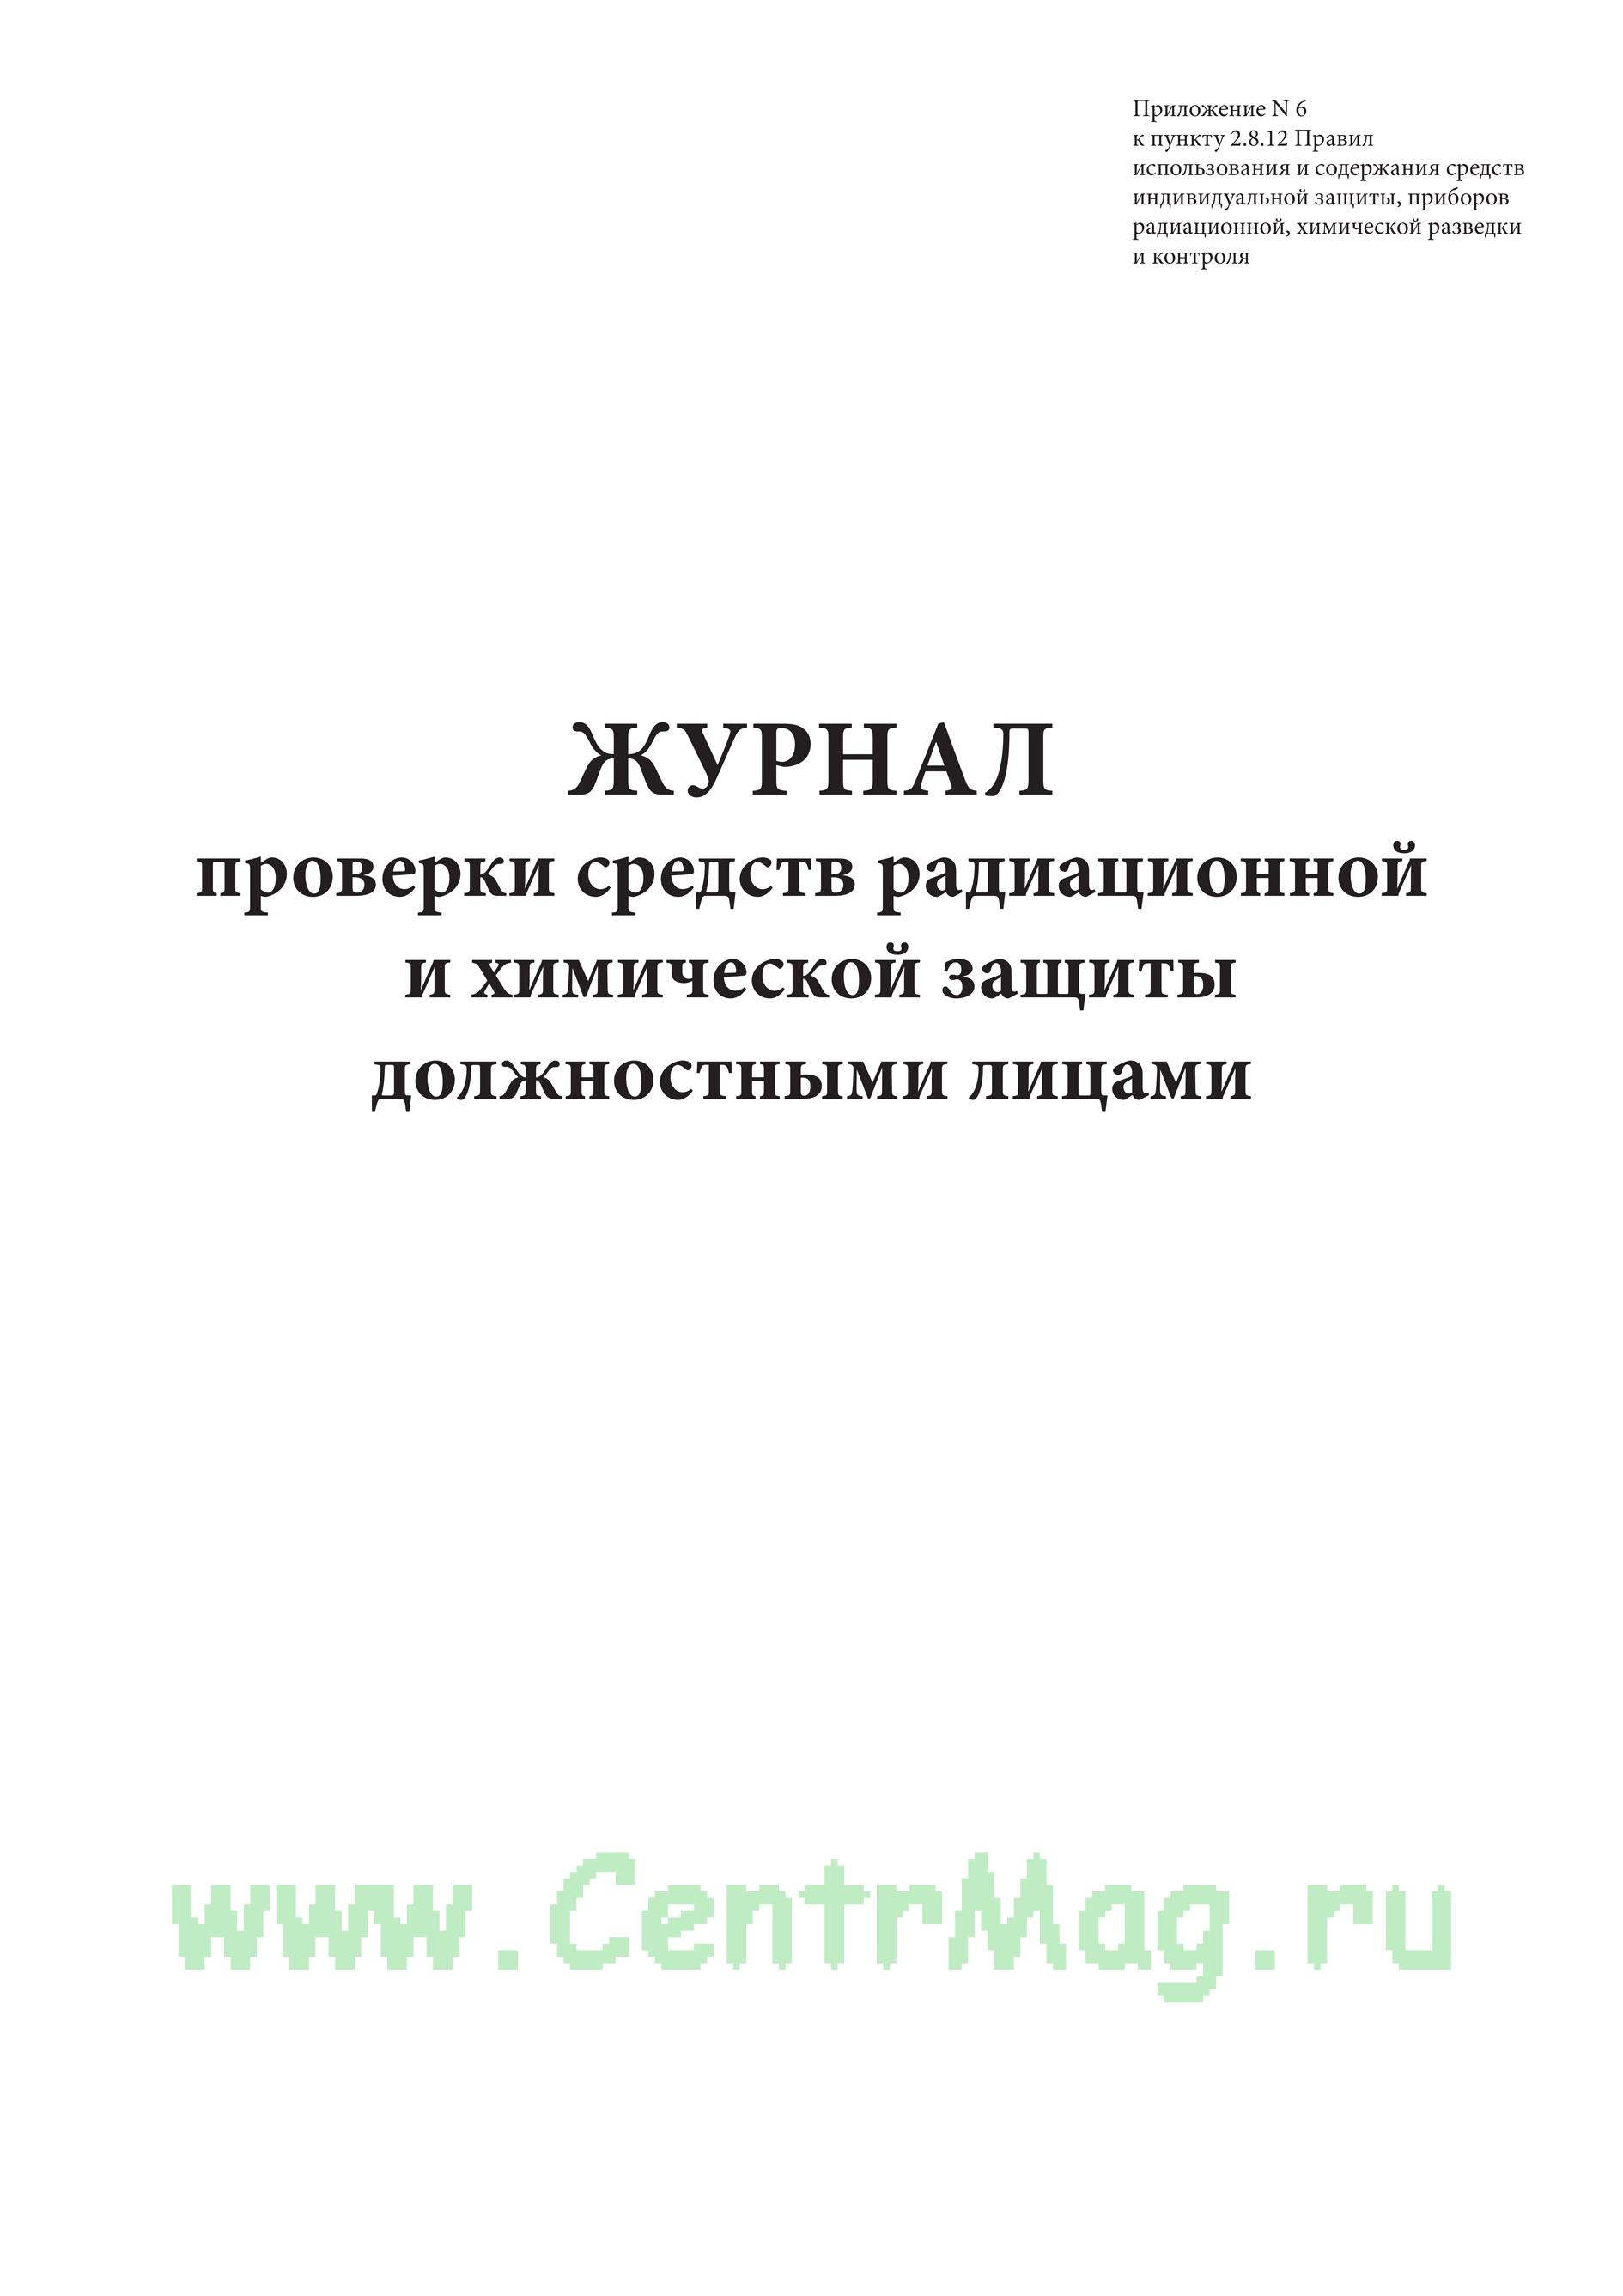 Журнал проверки средств радиационной и химической защиты должностными лицами.